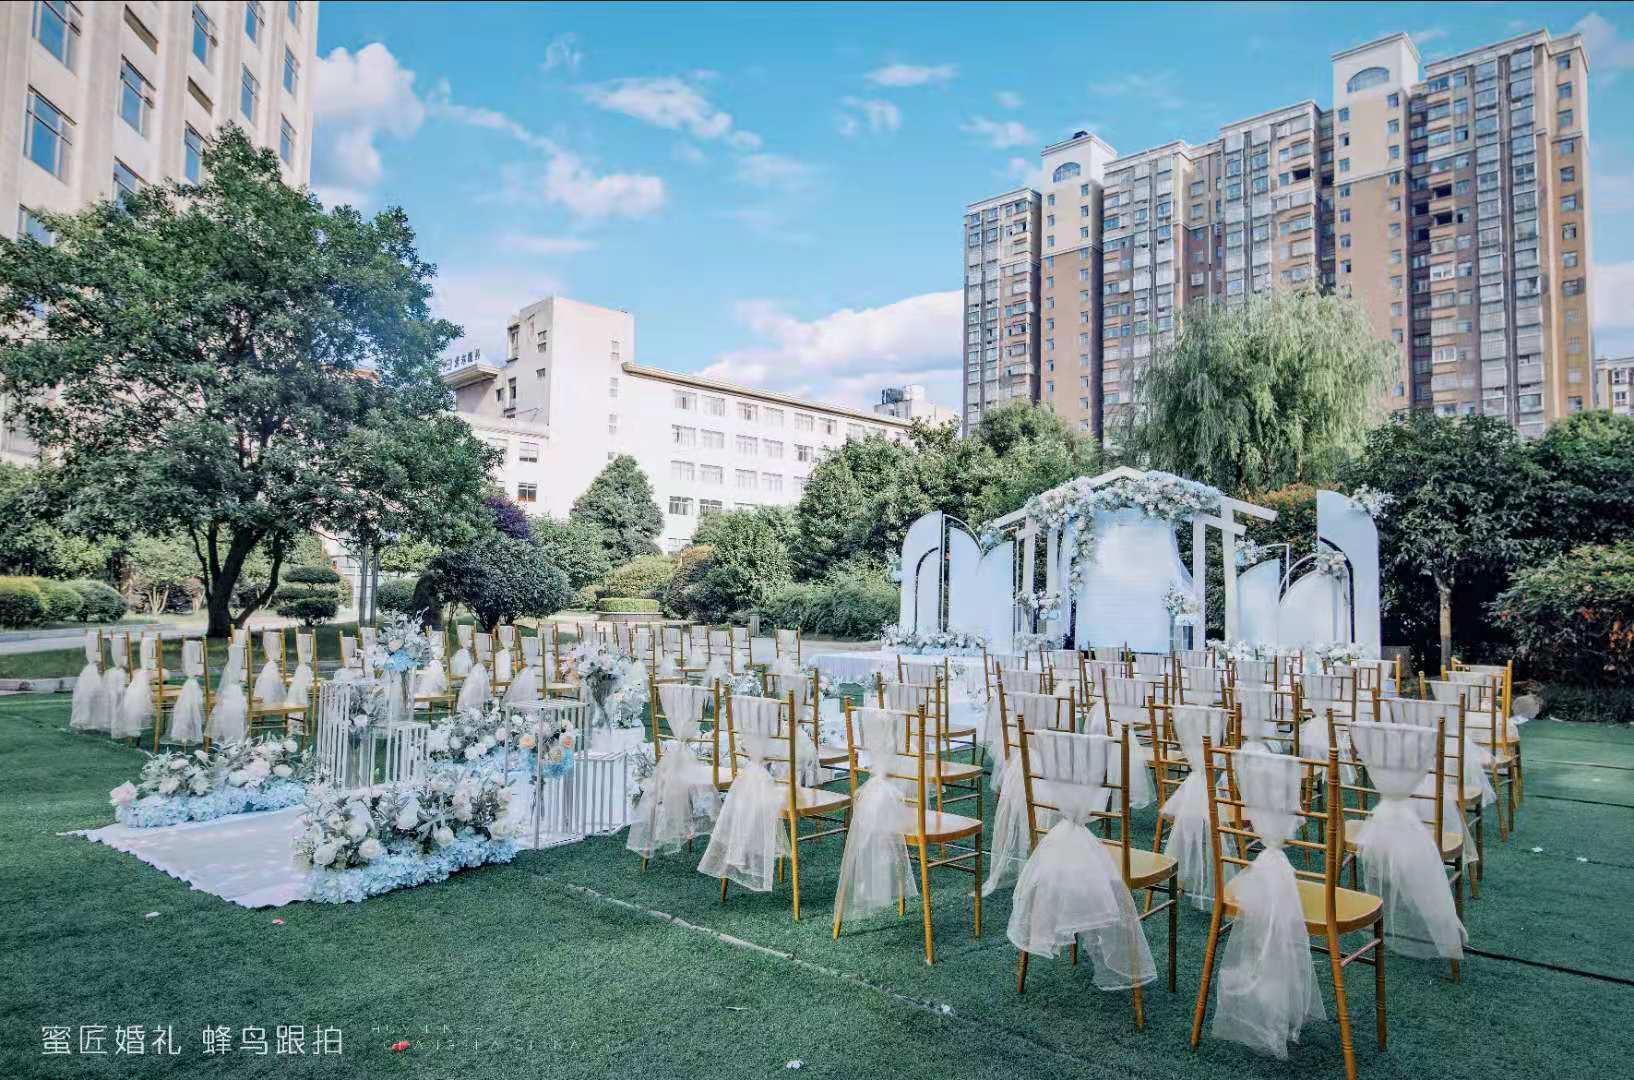 简单的婚礼需要准备什么 婚礼需要哪些工作人员